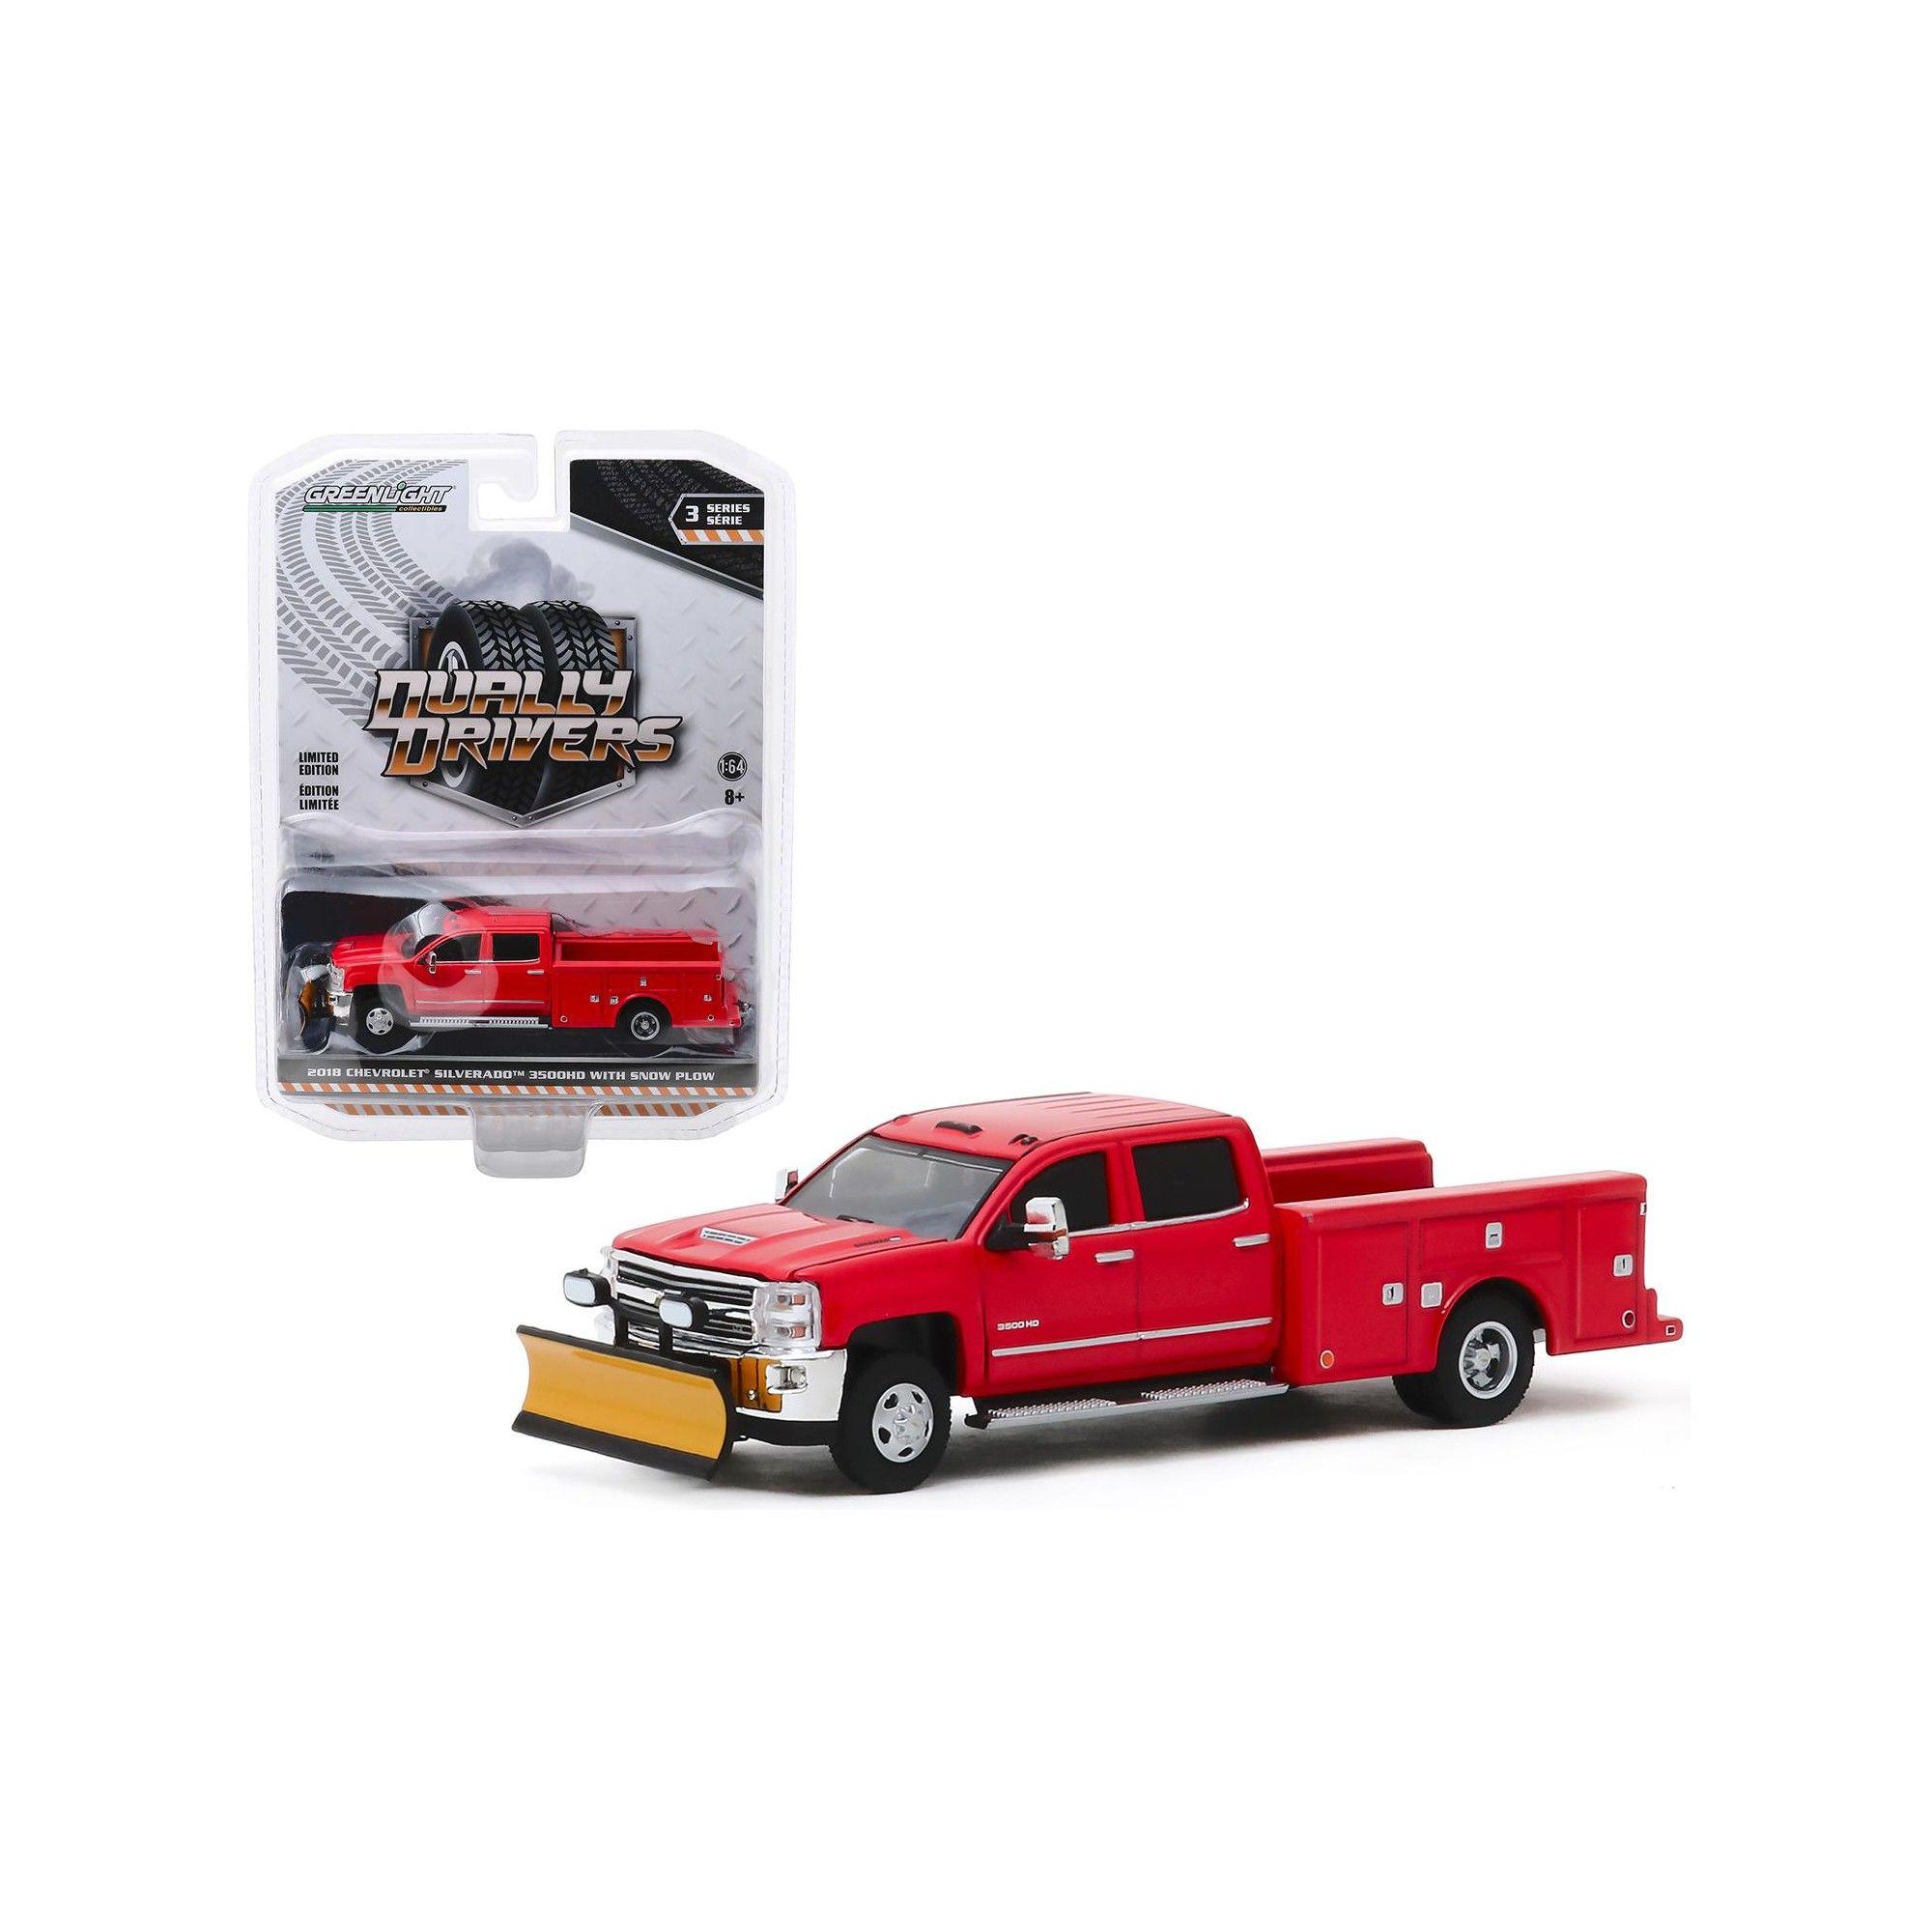 2018 Chevrolet Silverado 3500HD Dually Service Bed Truck